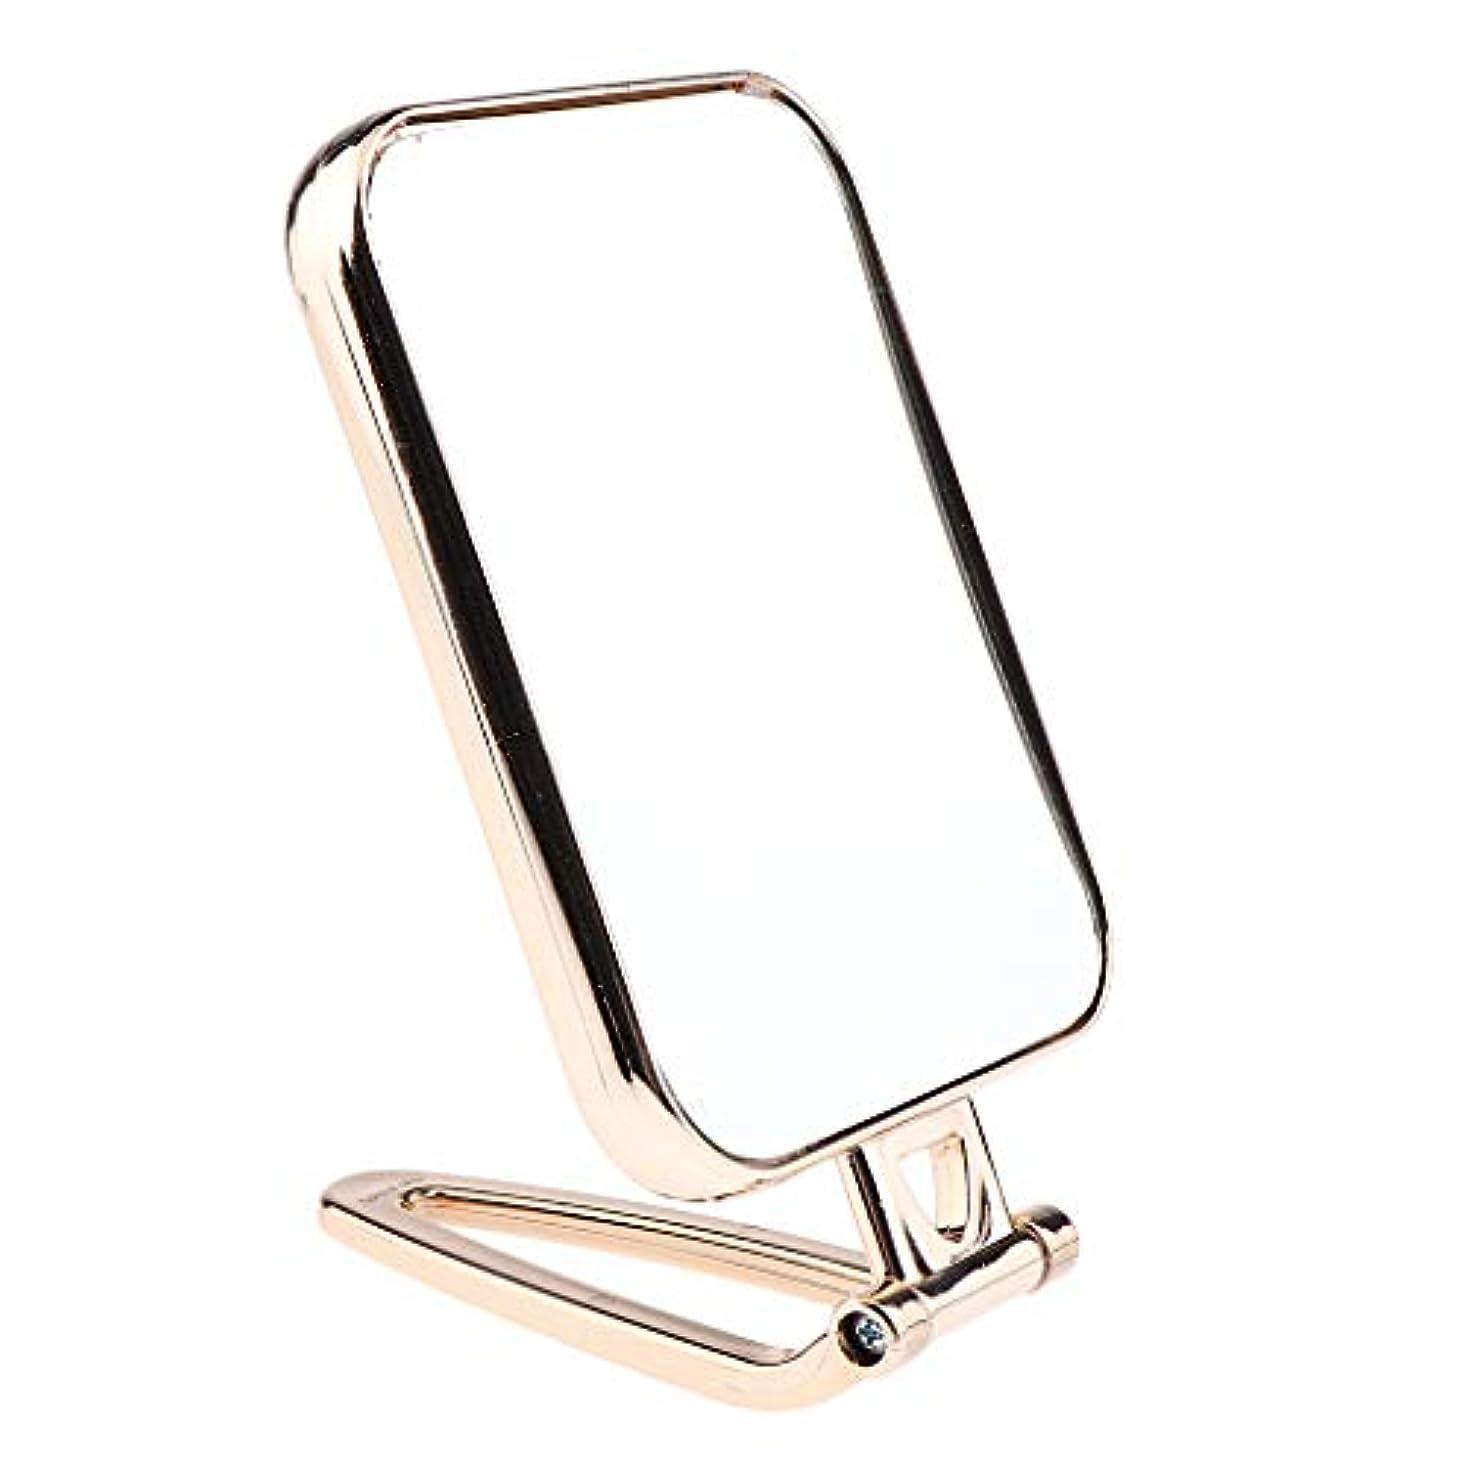 盆地体系的に着替えるメイクアップミラー 折りたたみ ポータブル 洗面台 卓上 旅行 コンパクトミラー 2タイプ選べ - ゴールド